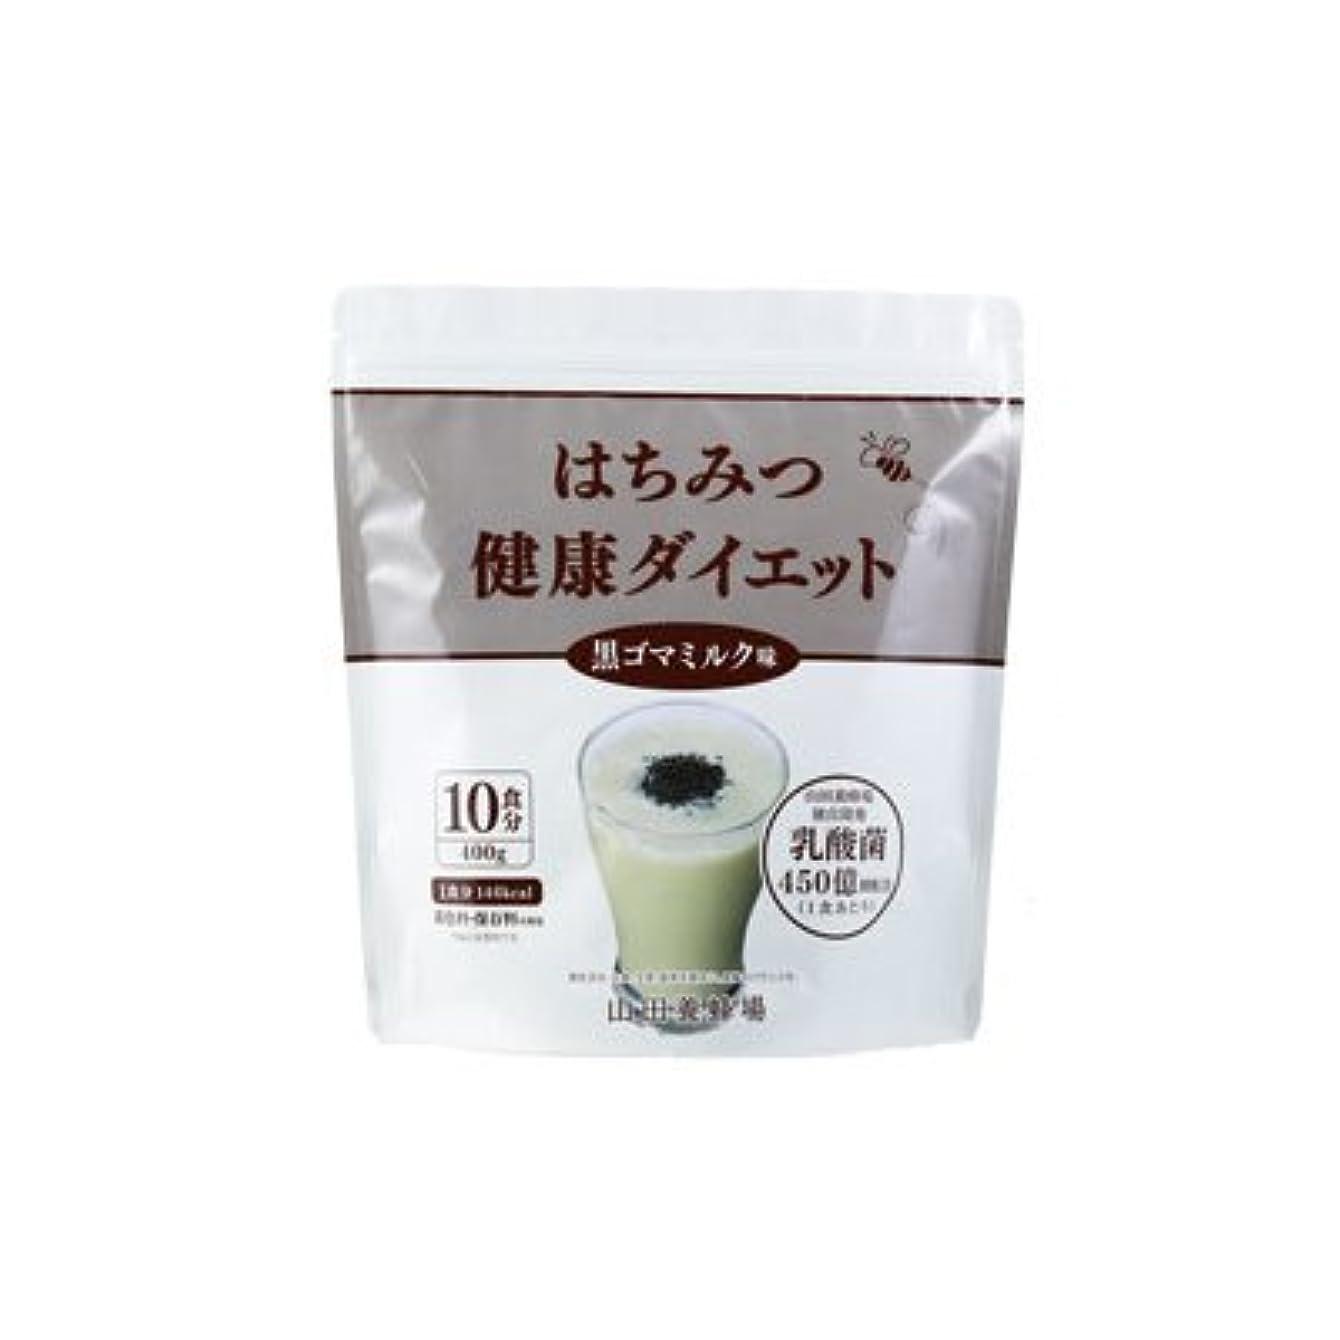 子供時代地域略奪はちみつ健康ダイエット 【黒ごまミルク味】400g(10食分)